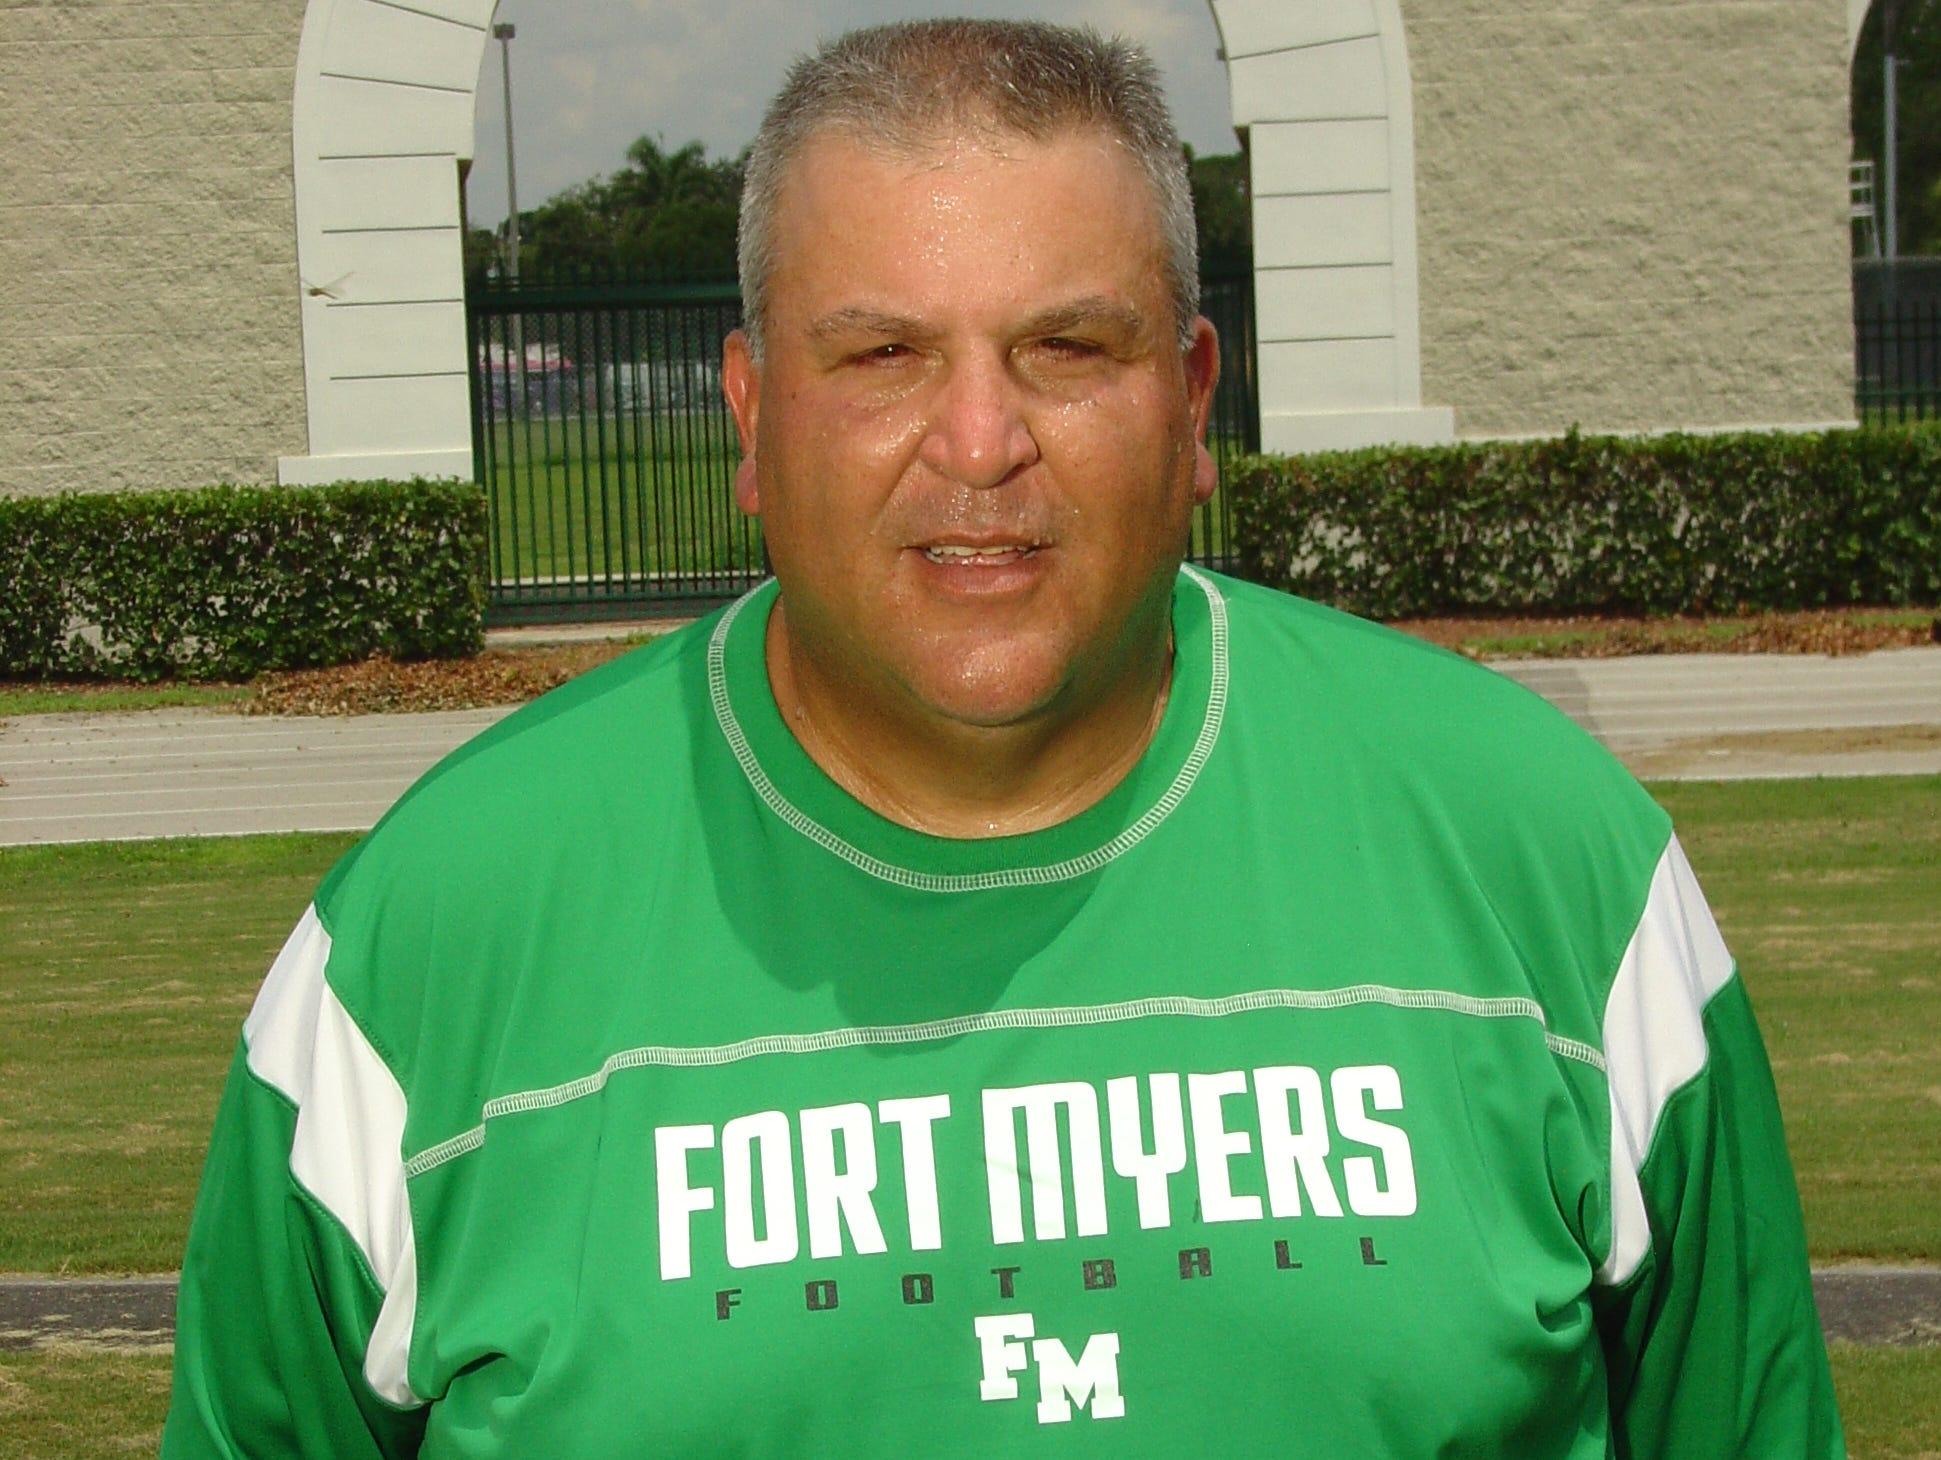 Coach Sam Sirianni